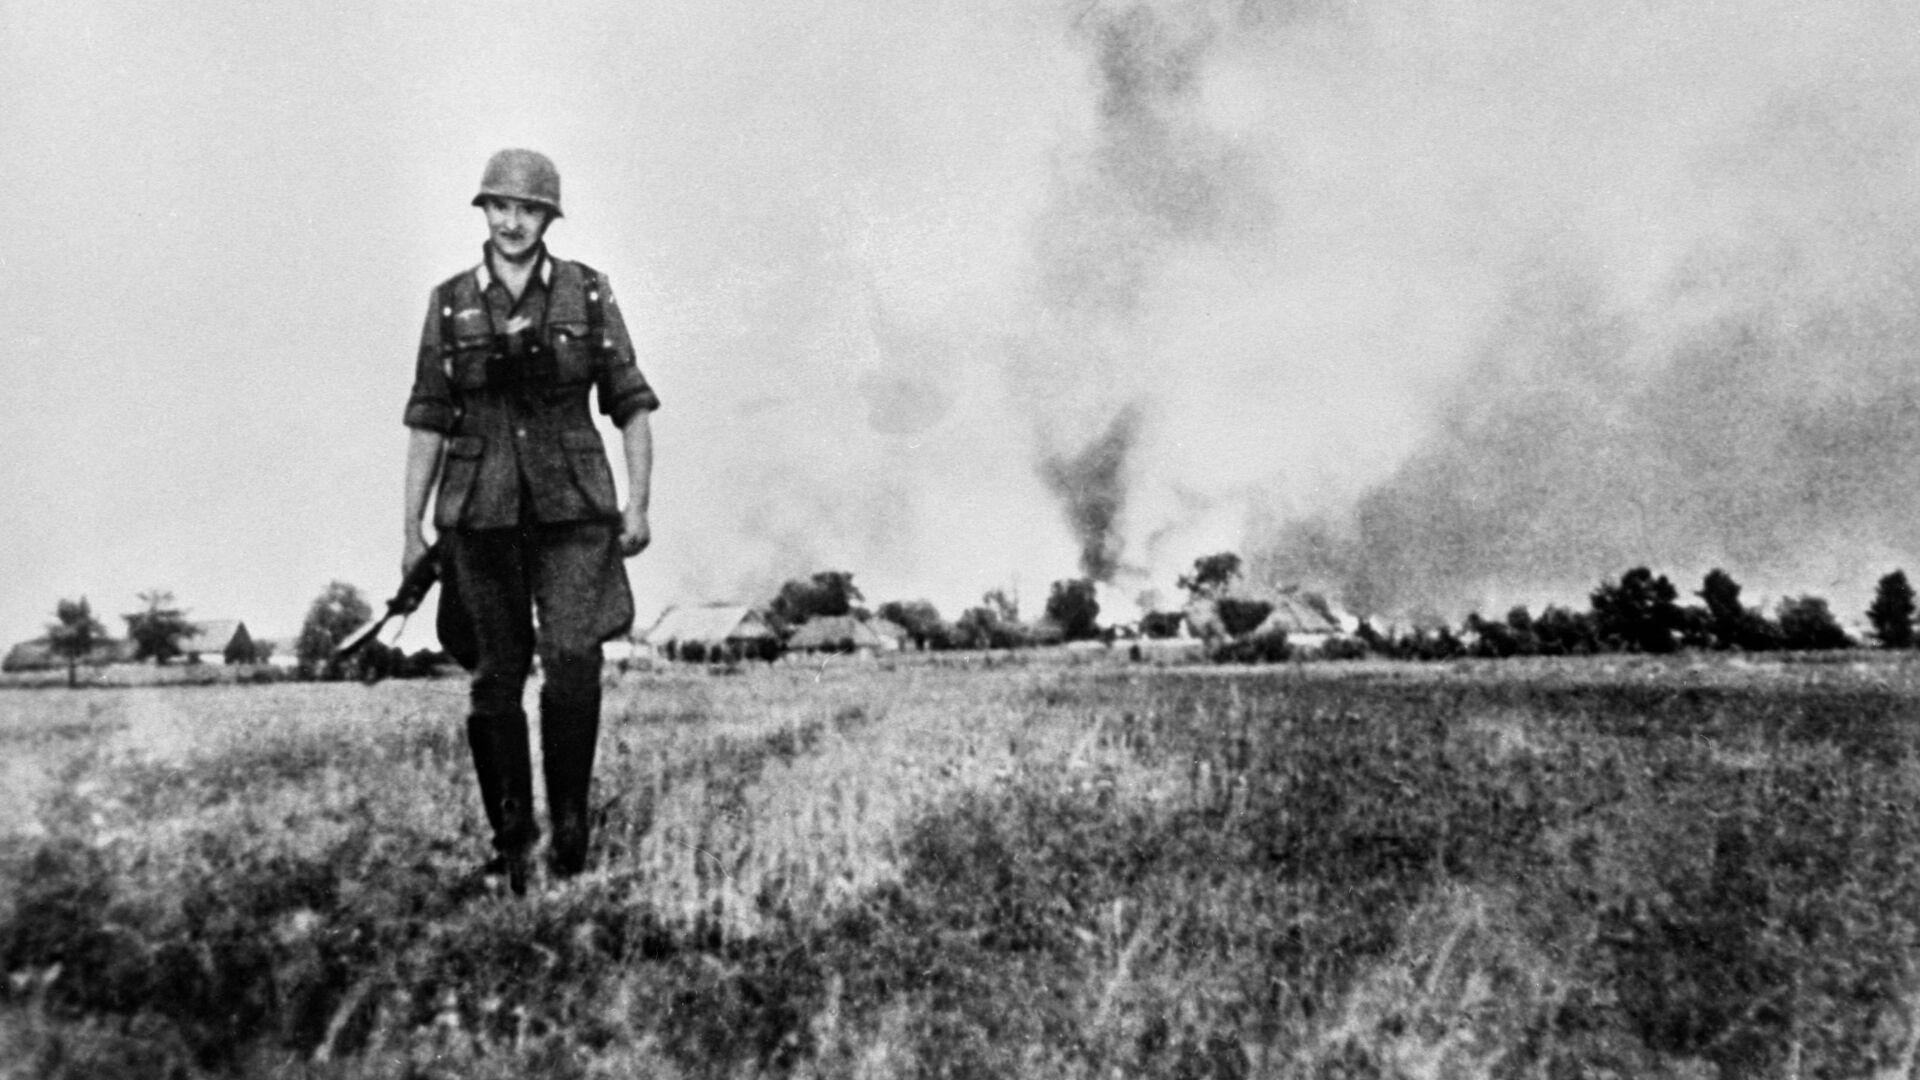 Великая отечественная война 1941-1945 гг. Гитлеровский солдат - РИА Новости, 1920, 26.11.2020